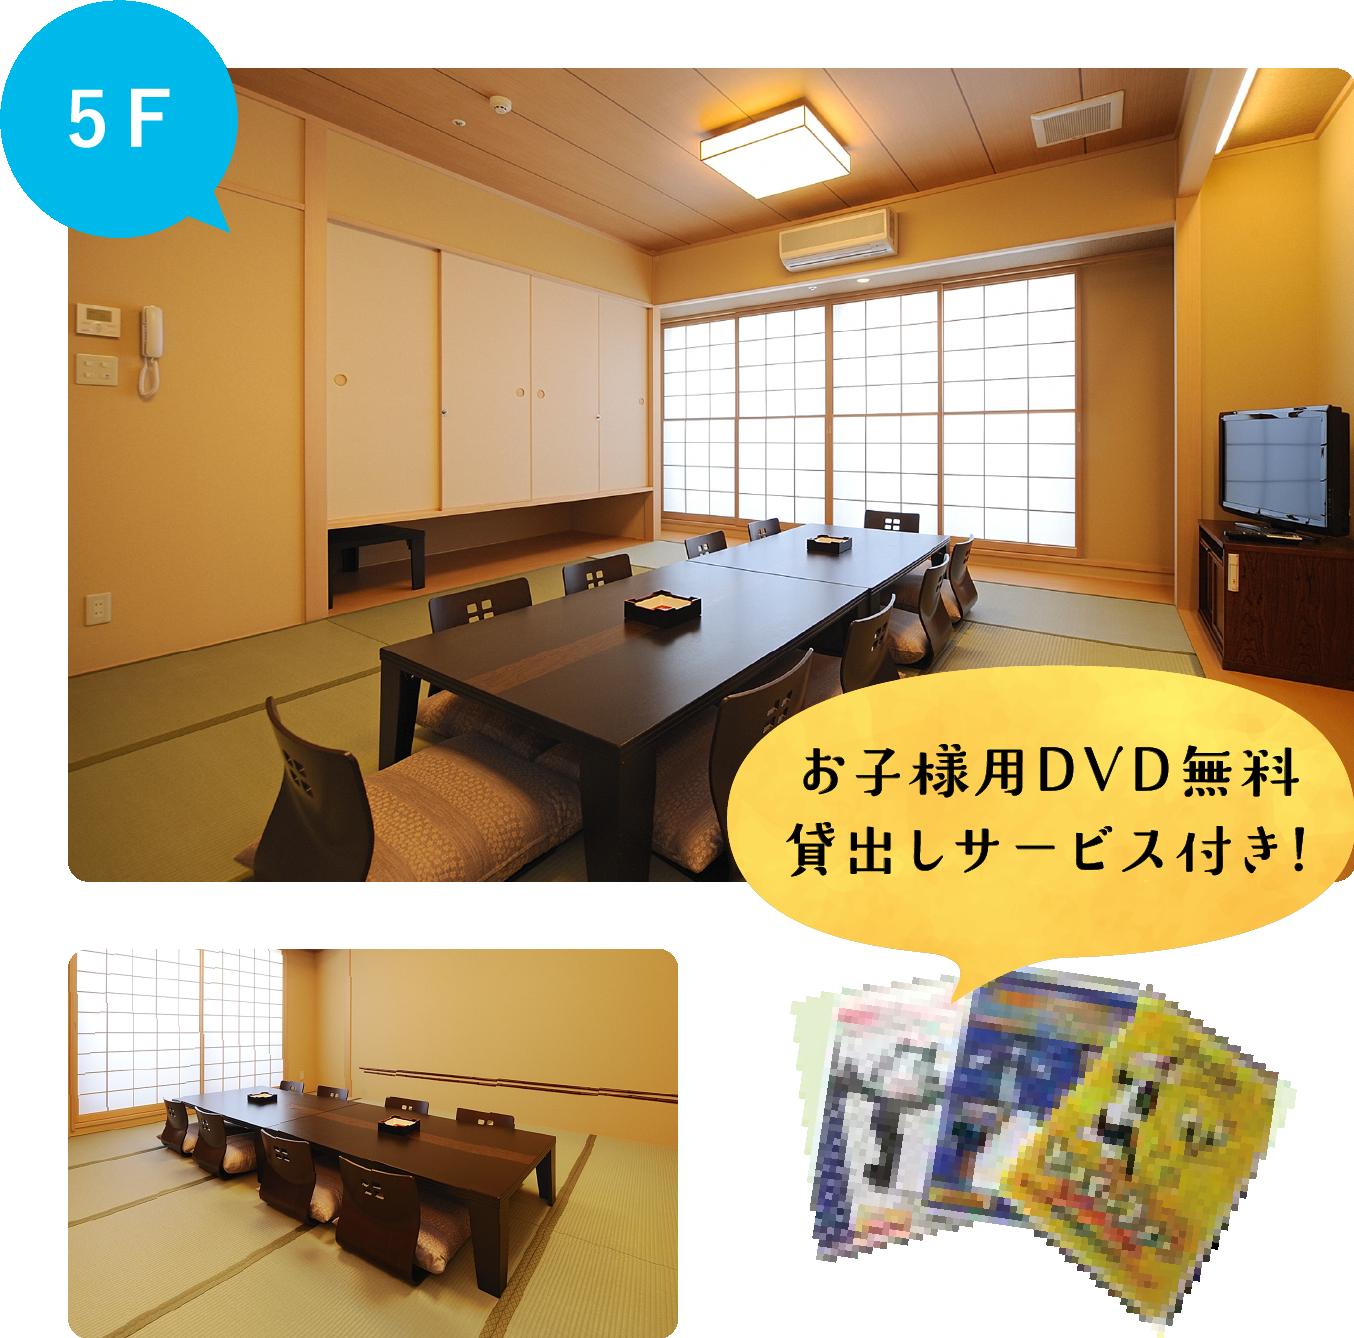 5F 貸部屋